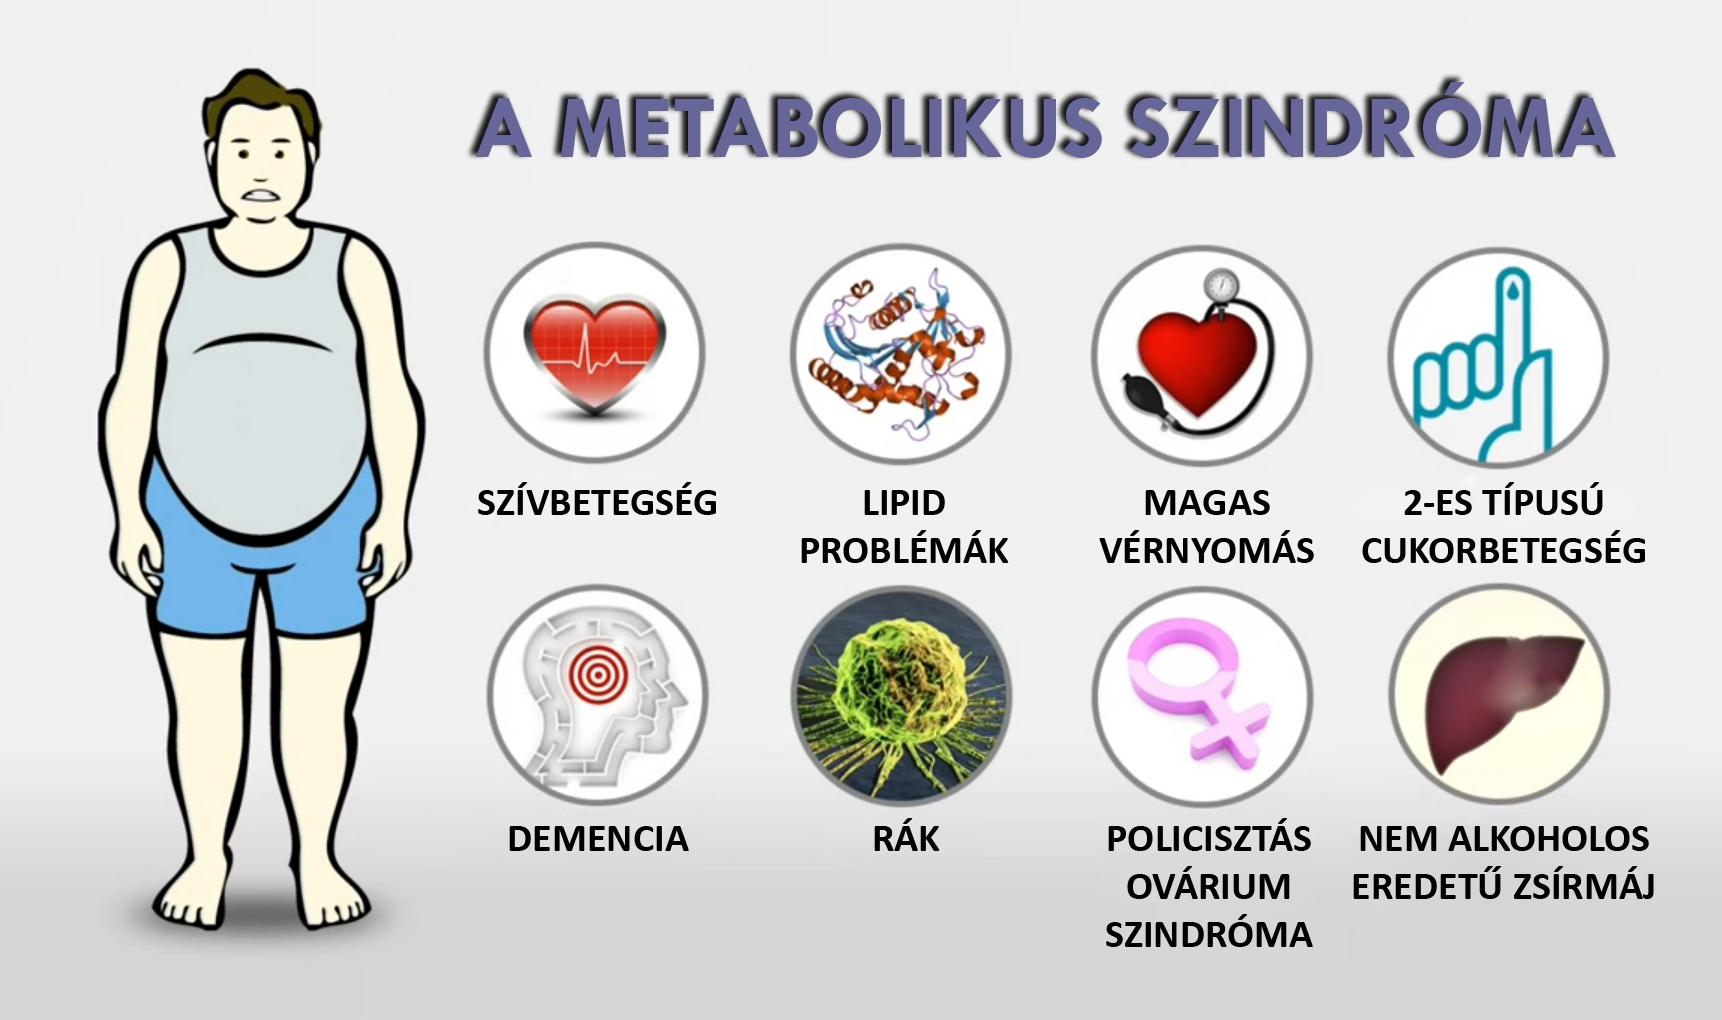 Ezek a metabolikus szindróma tünetei - EgészségKalauz